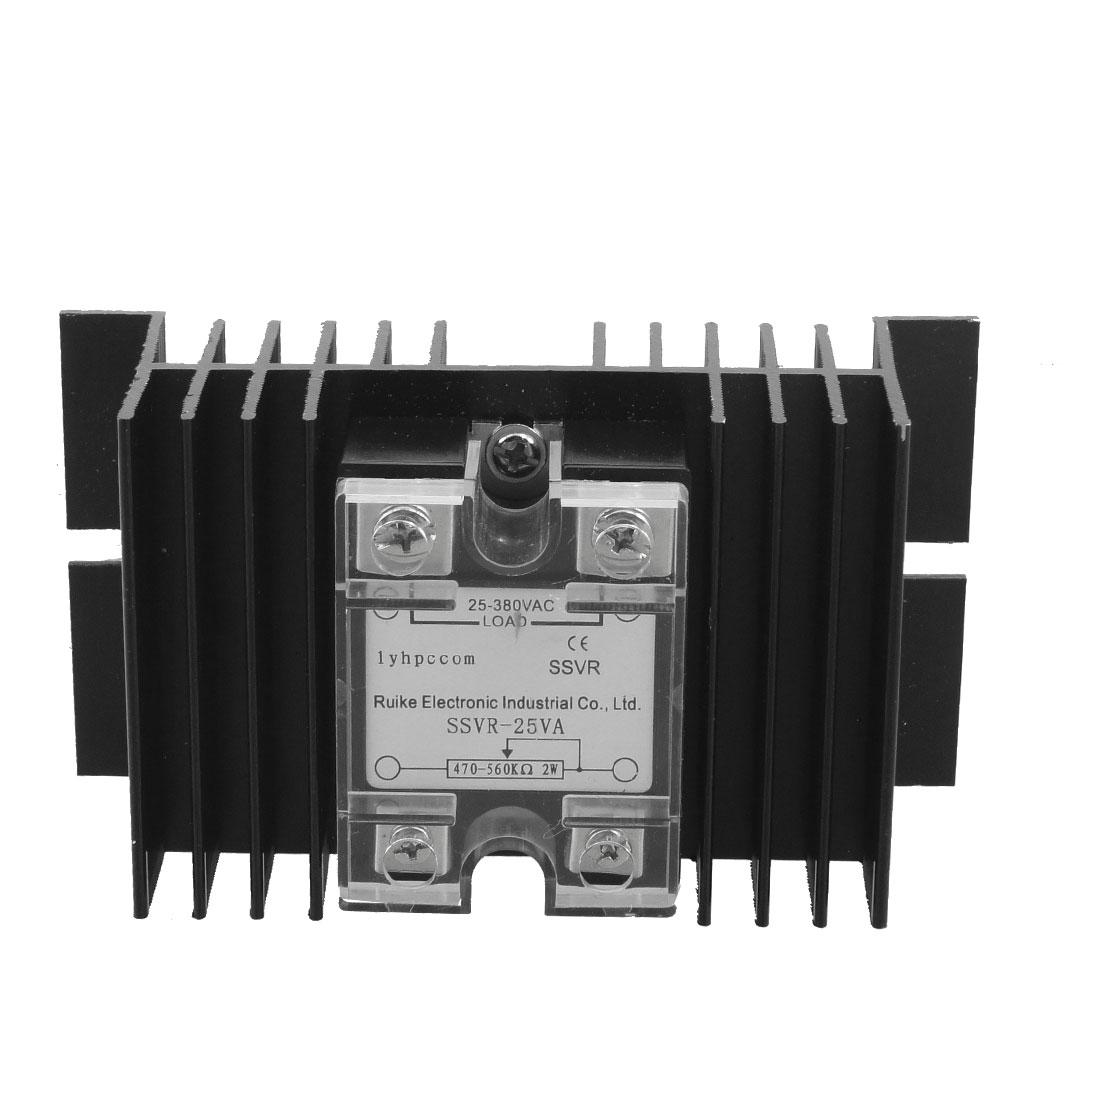 Solid State Relay Voltage Resistance Regulator SSR 25A 25-380V AC + Heat Sink